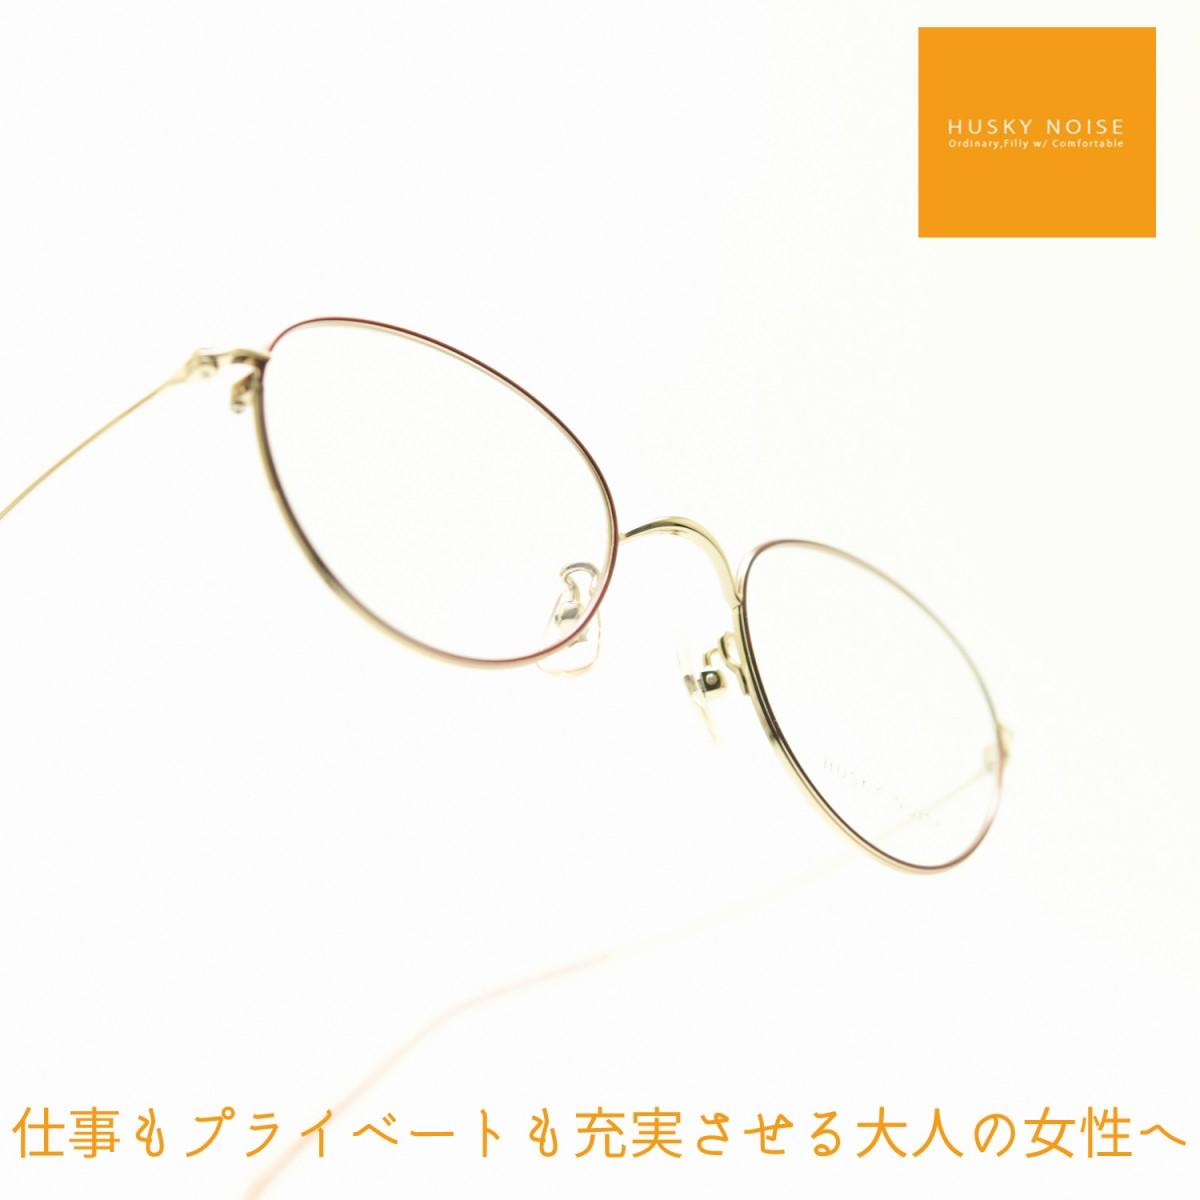 HUSKY NOISE ハスキーノイズH-187 col-4メガネ 眼鏡 めがね メンズ レディース おしゃれ ブランド 人気 おすすめ フレーム 流行り 度付き レンズ